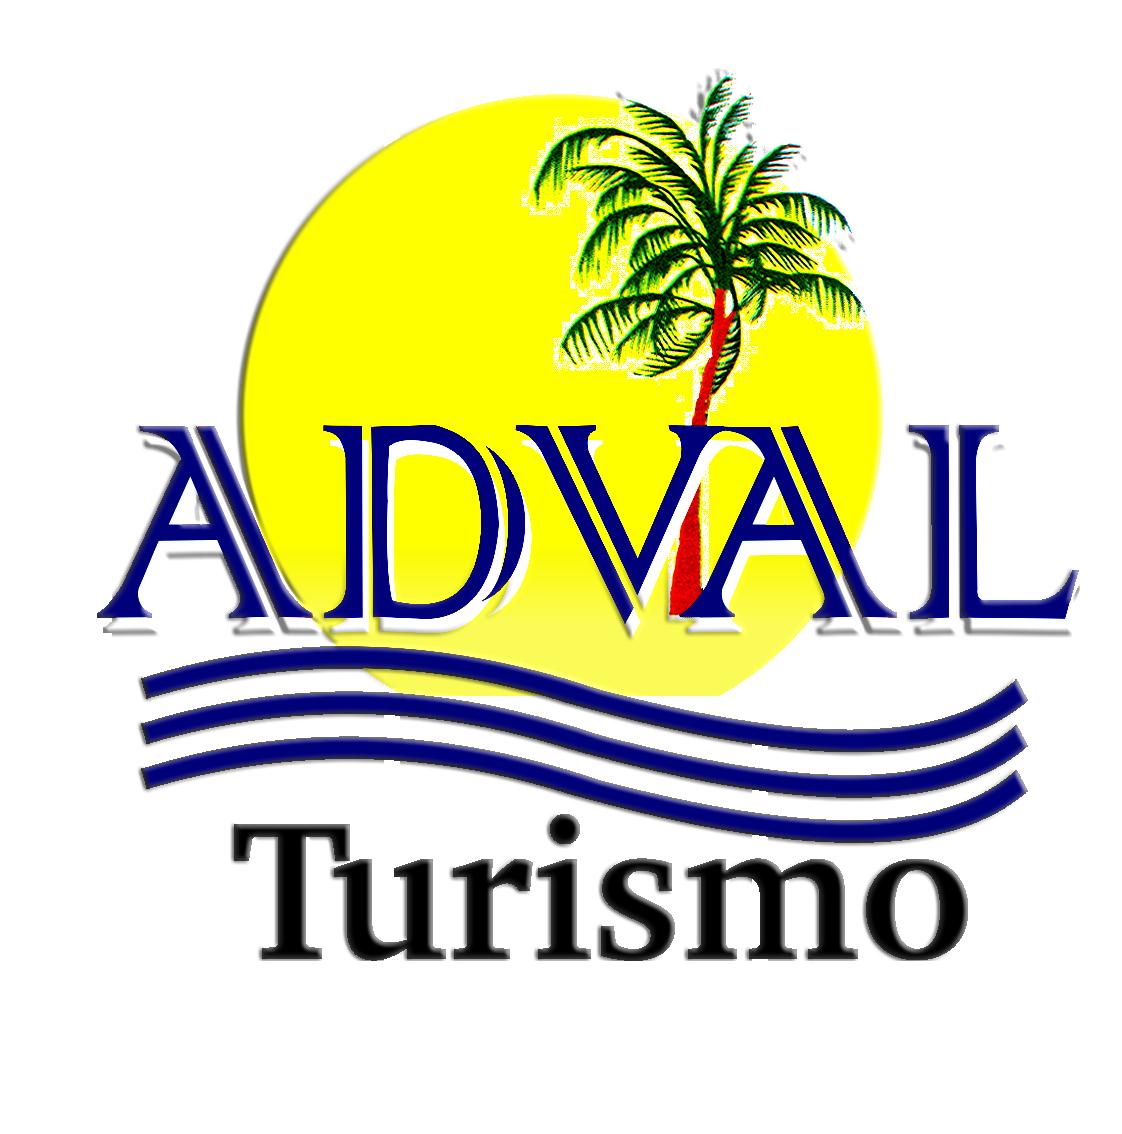 (c) Advalturismo.com.br